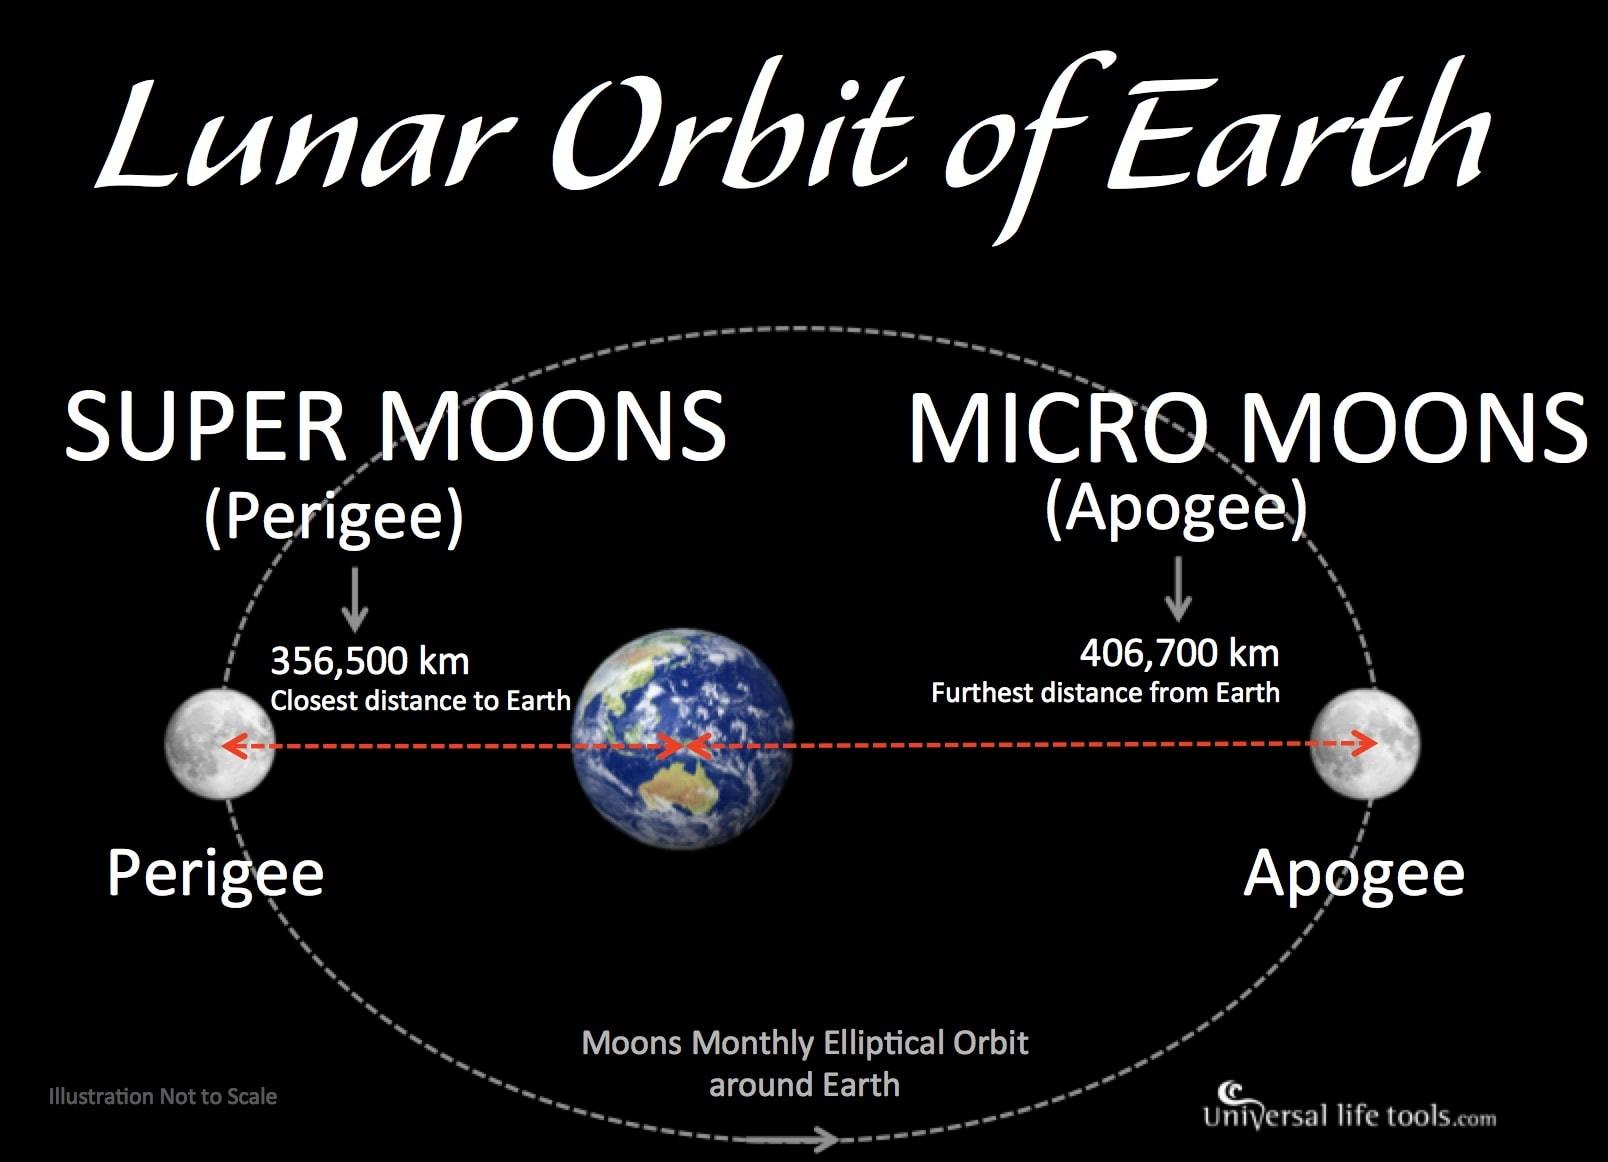 Super Moons 2017 Micro Moons 2017